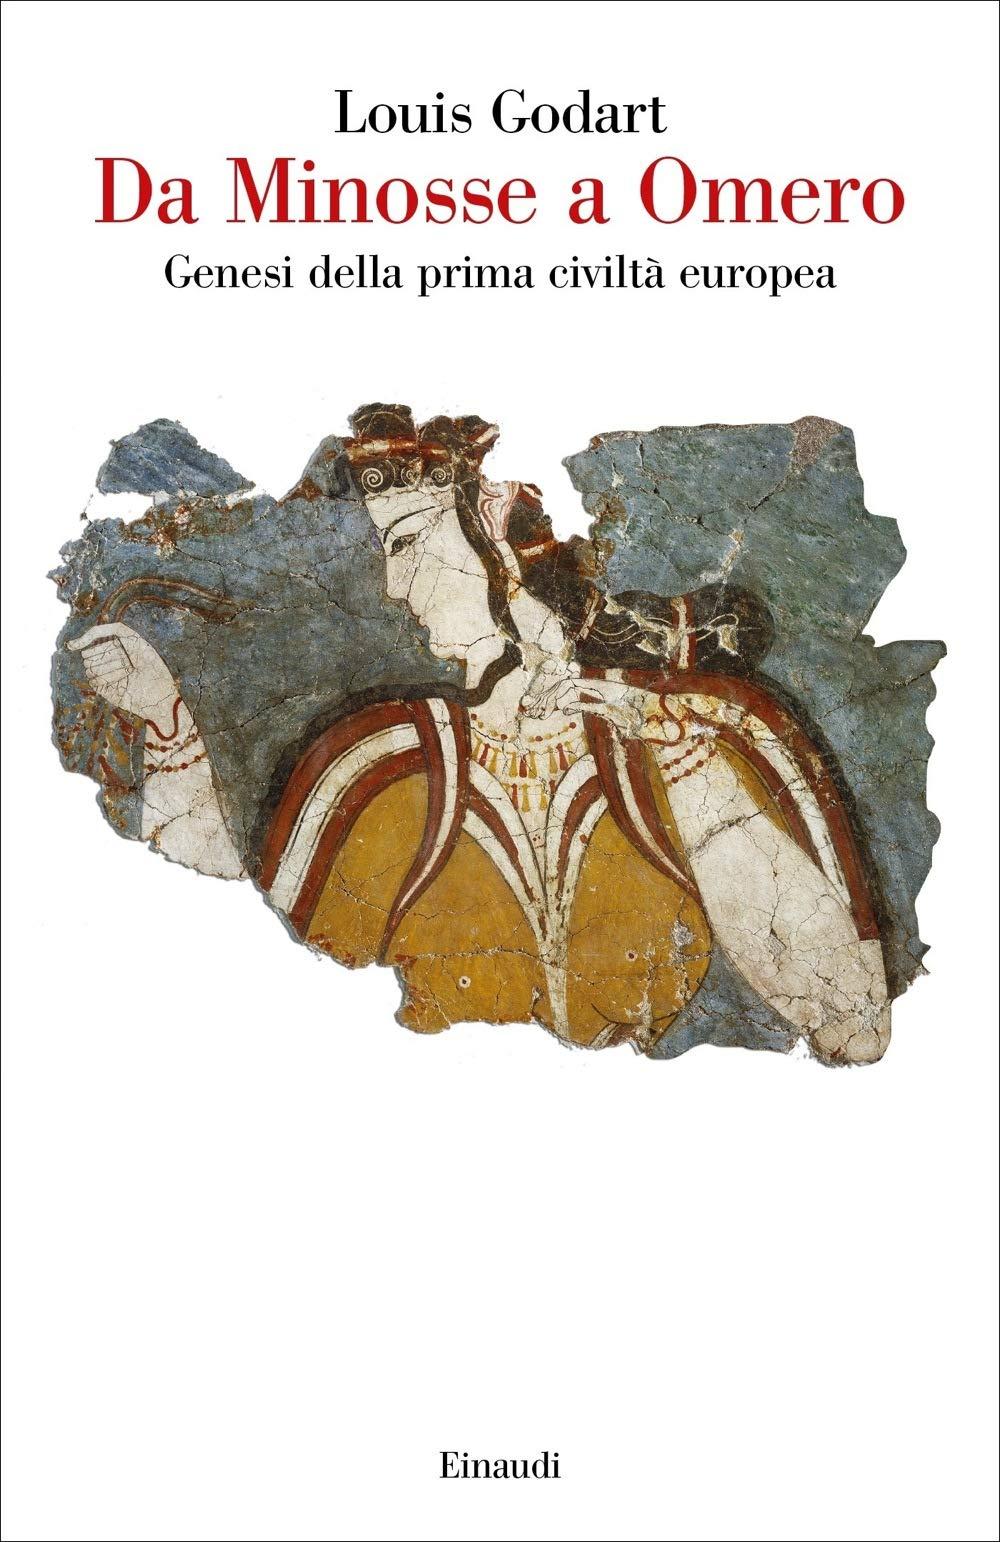 Louis Godart - Da Minosse a Omero. Genesi della prima civiltà europea (2020)